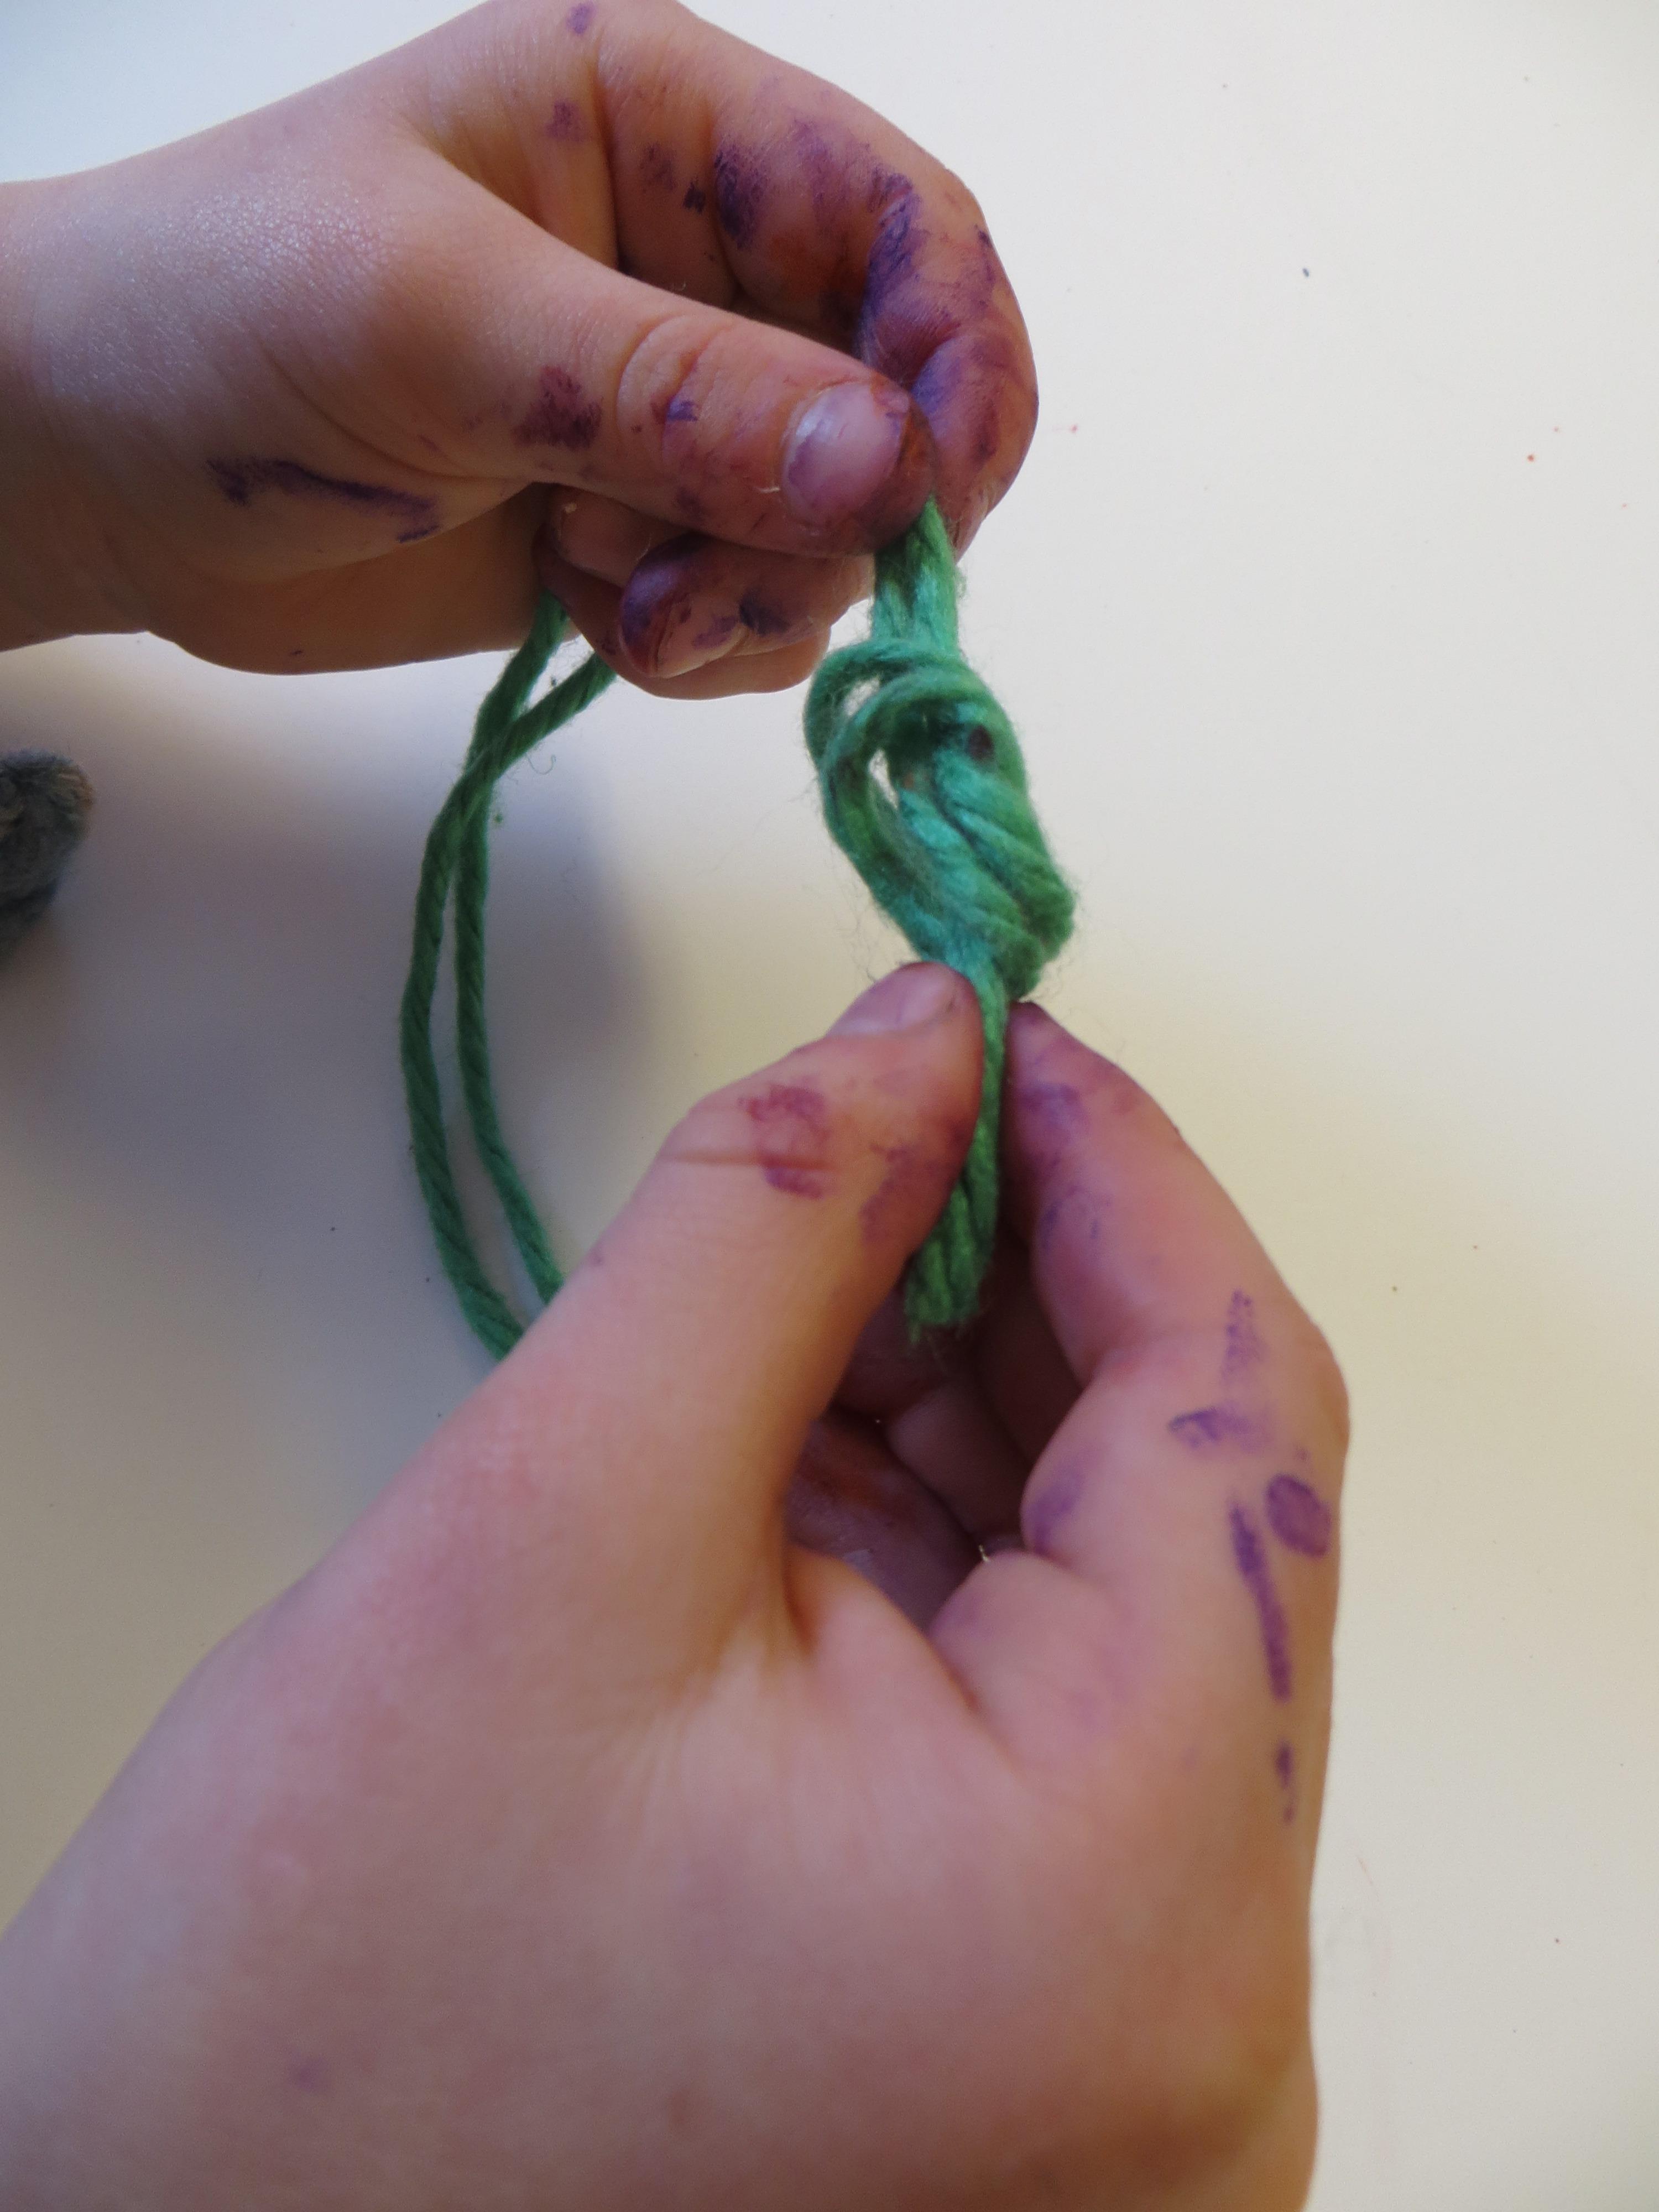 Kostenlose foto : Hand, Blatt, String, Blume, Blütenblatt, Finger ...